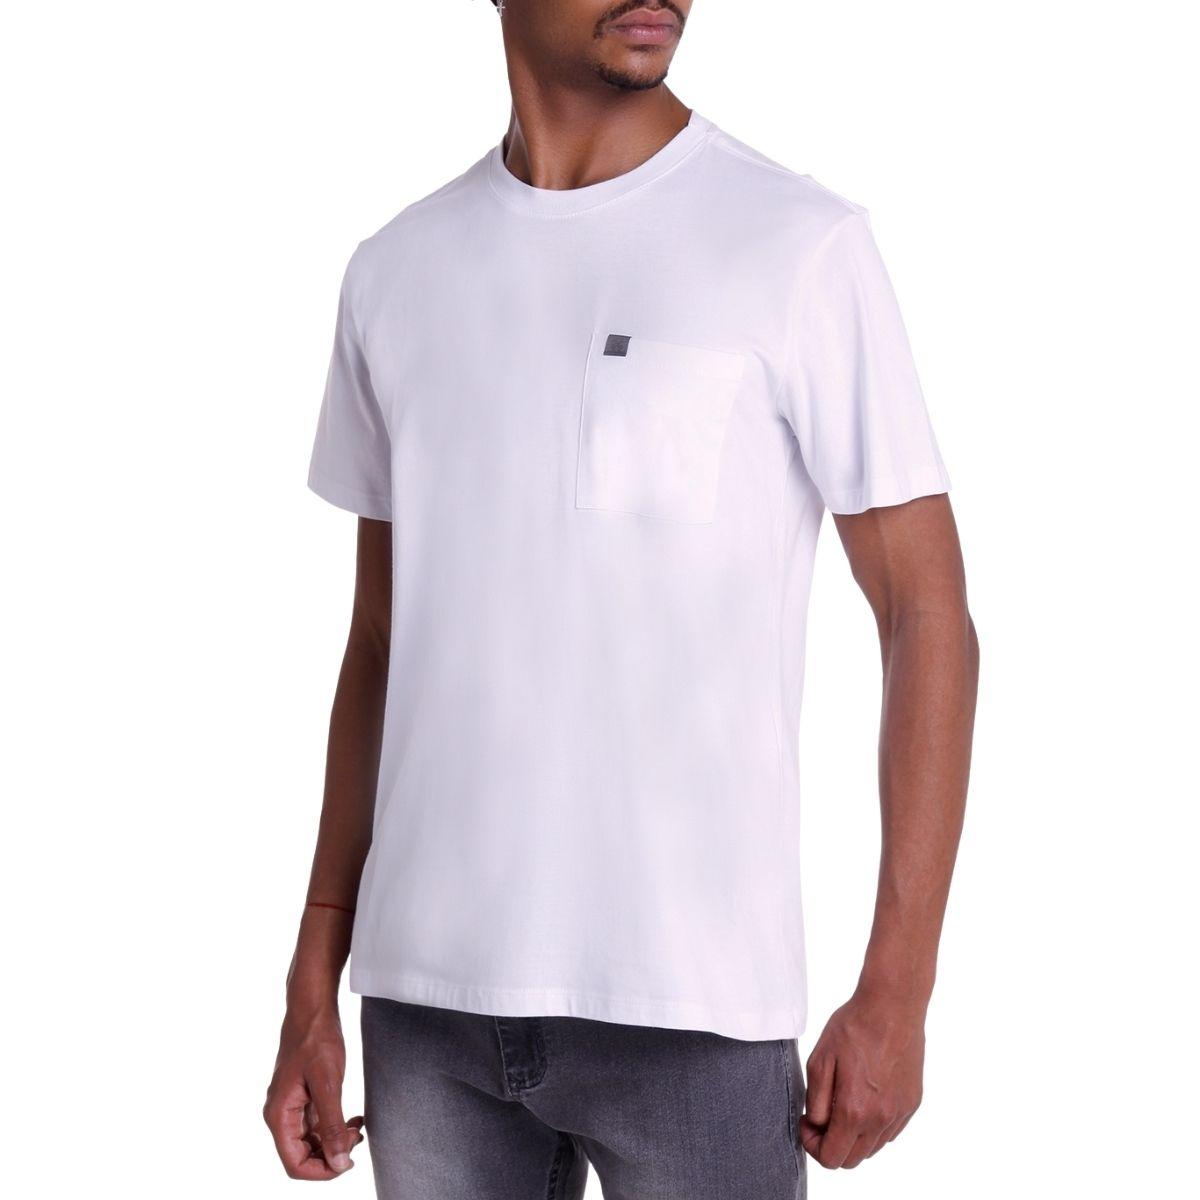 Camiseta John John Lisa Rx Pocket Basic